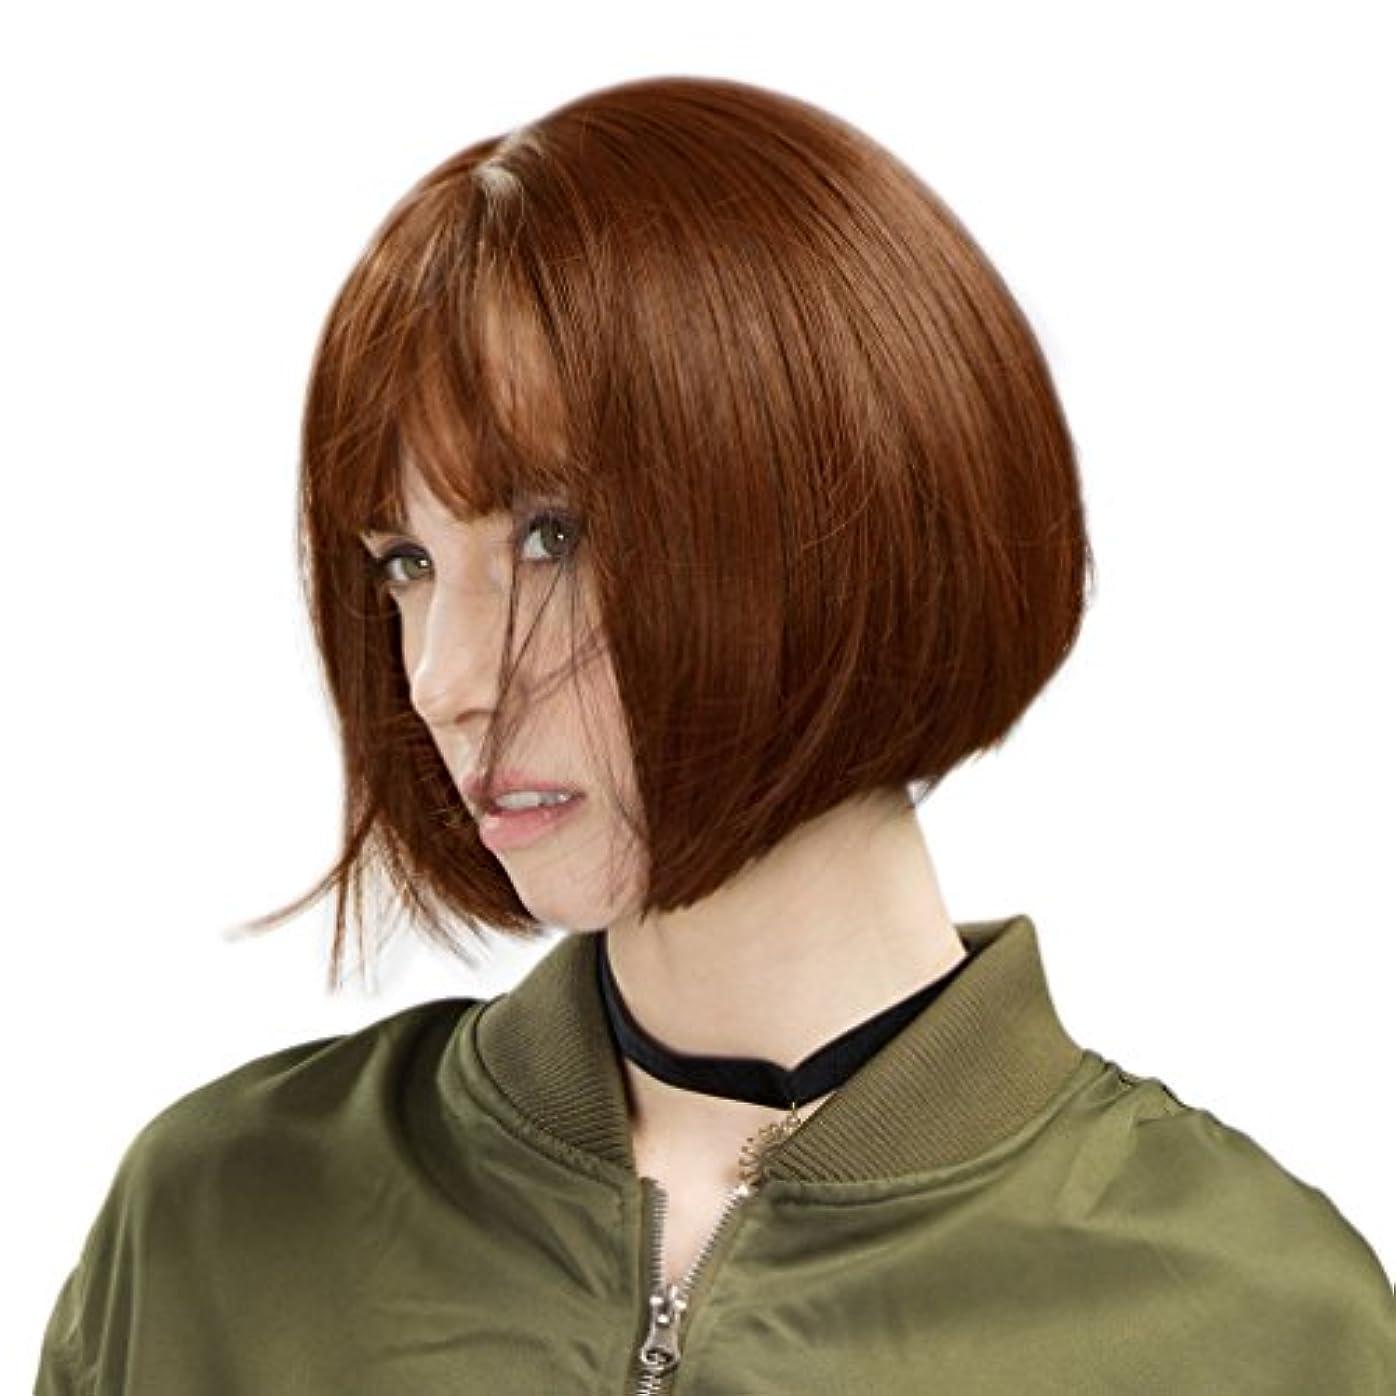 パブ降臨私たち自身REECHO 白、黒、レディースの色の前髪人工毛を持つ11